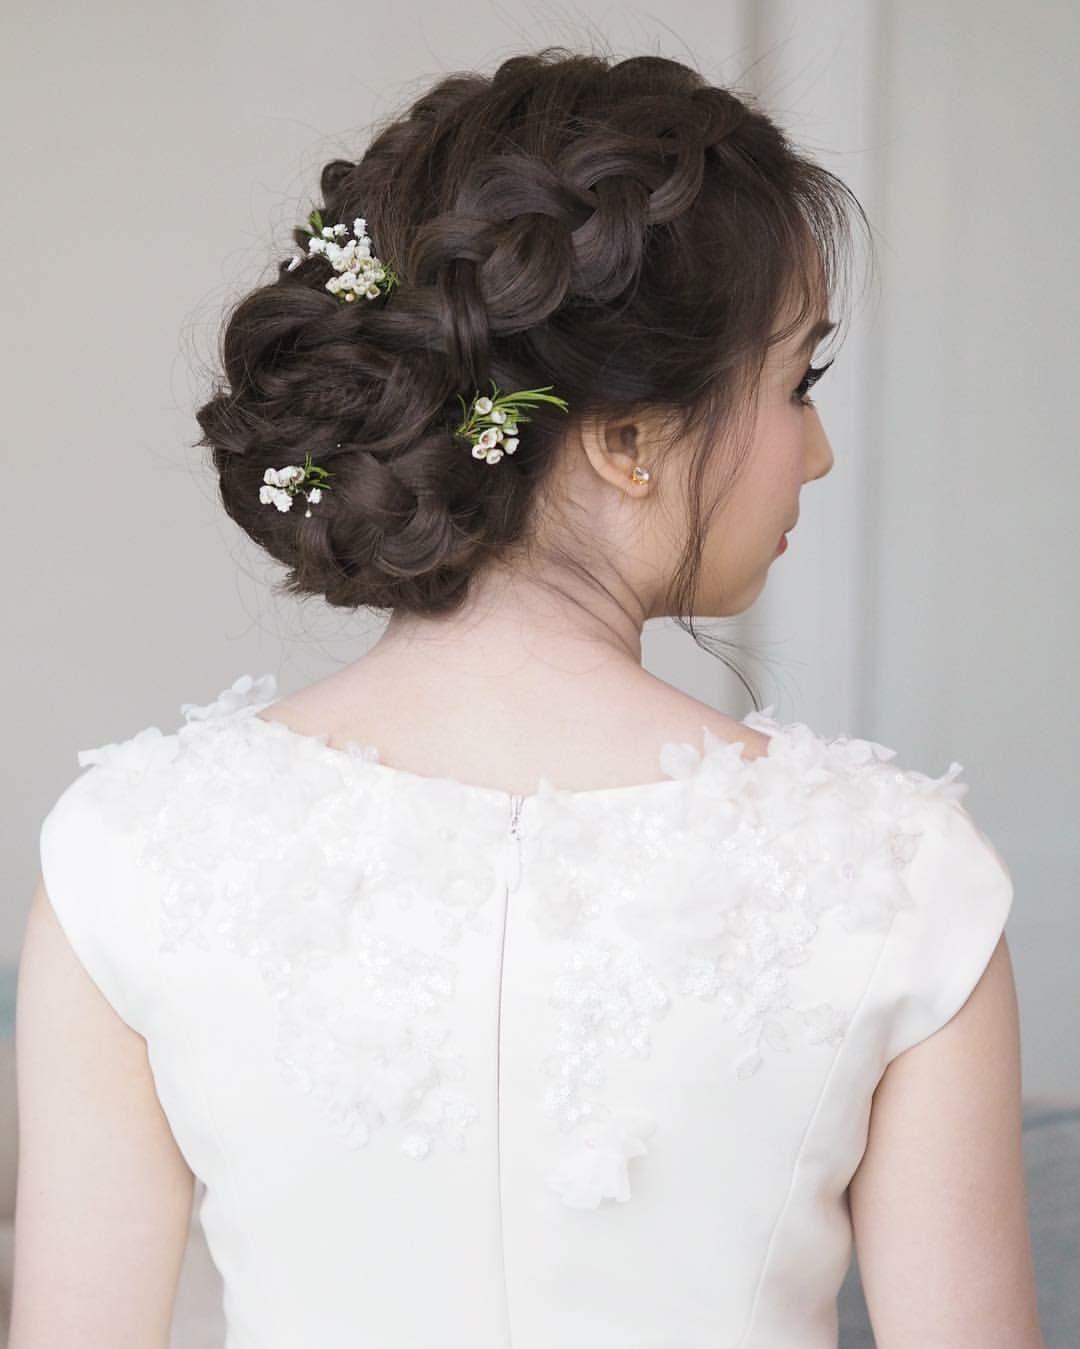 เกล้าผมเจ้าสาว #bridal line : mud2982405 tel. 0972982405 IG ...